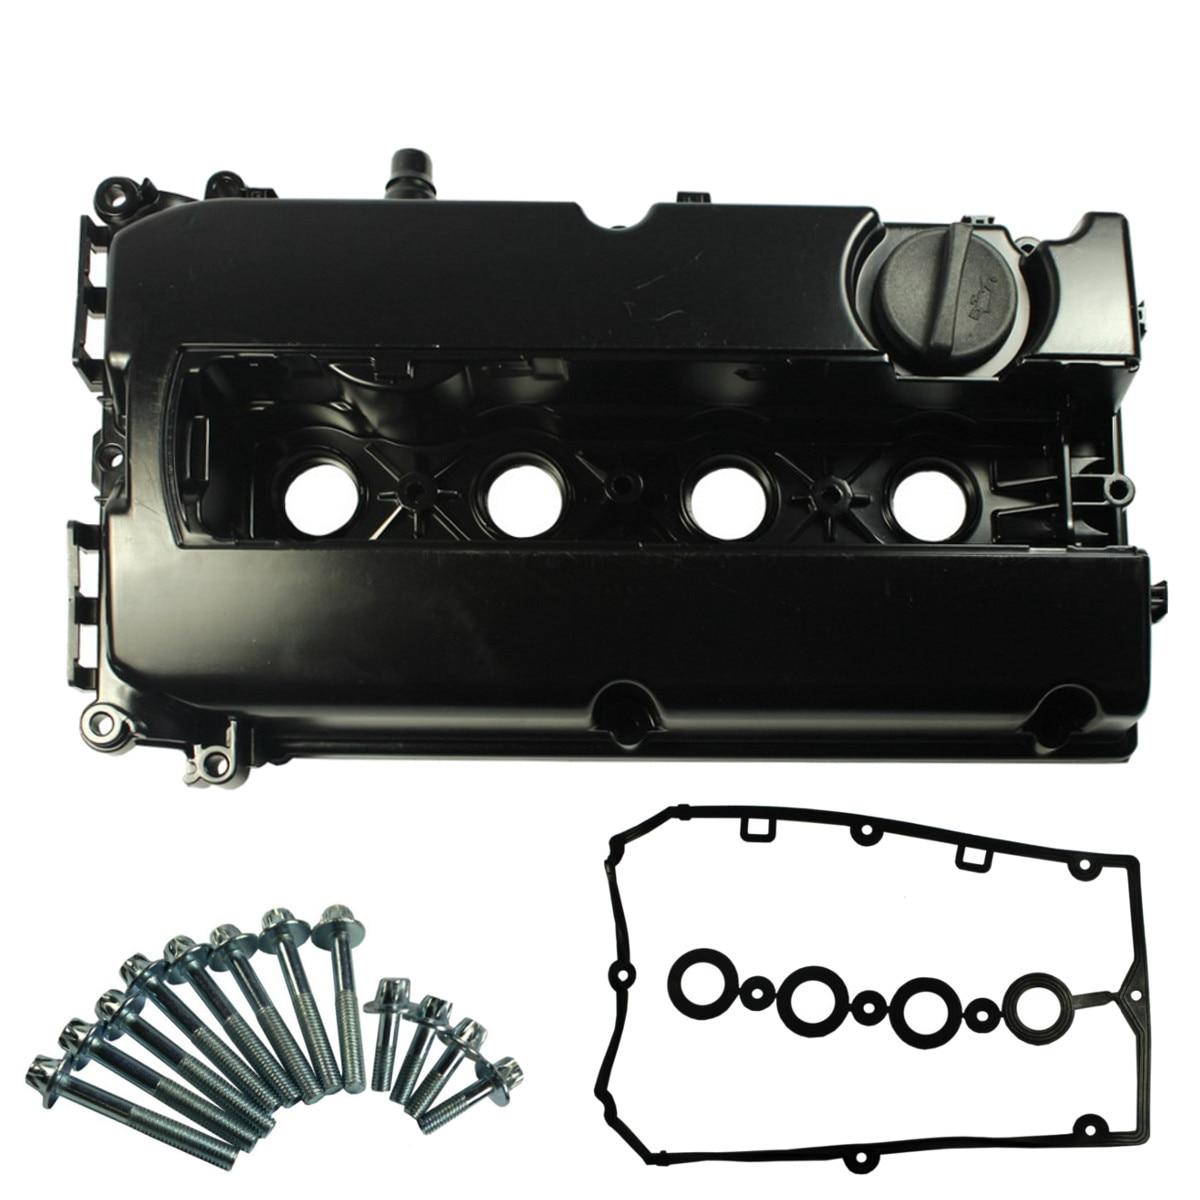 Двигатель клапана Прокладка крышки Винты для Chevrolet для Cruze 2008-2015 55564395 55558673 ECVMG001